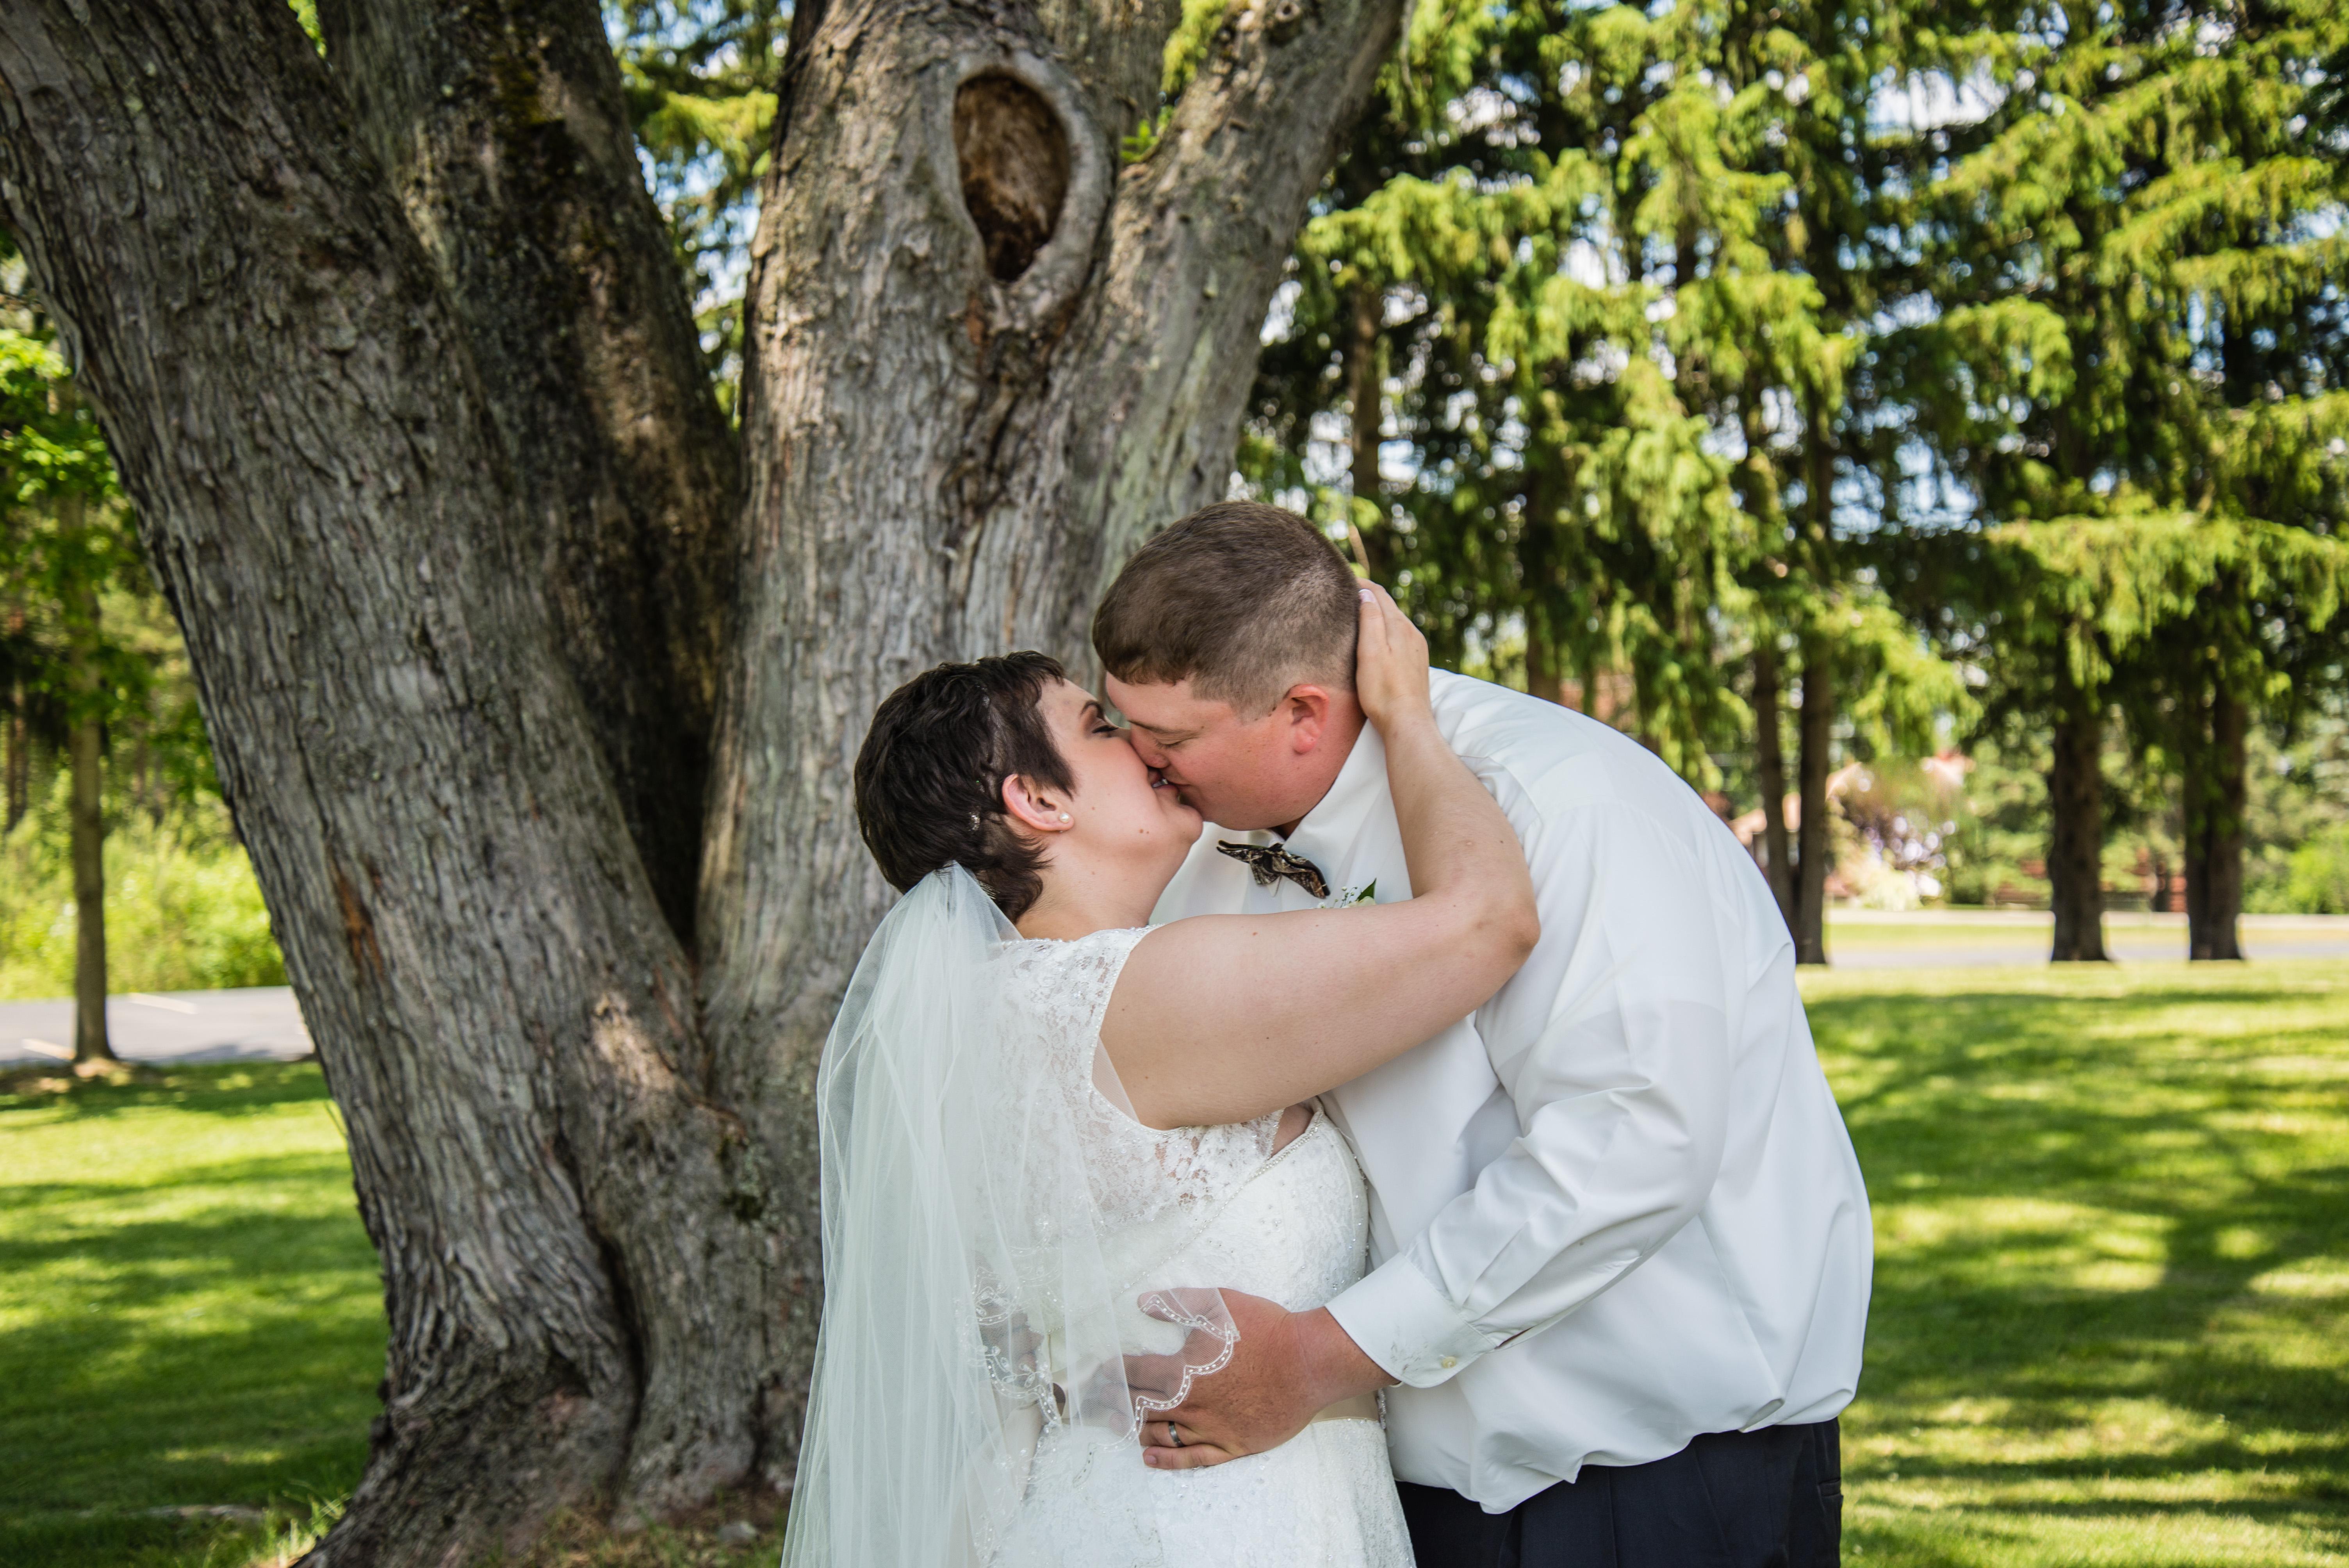 DeweyPhotography_Weddings_Binghamton_NY-40